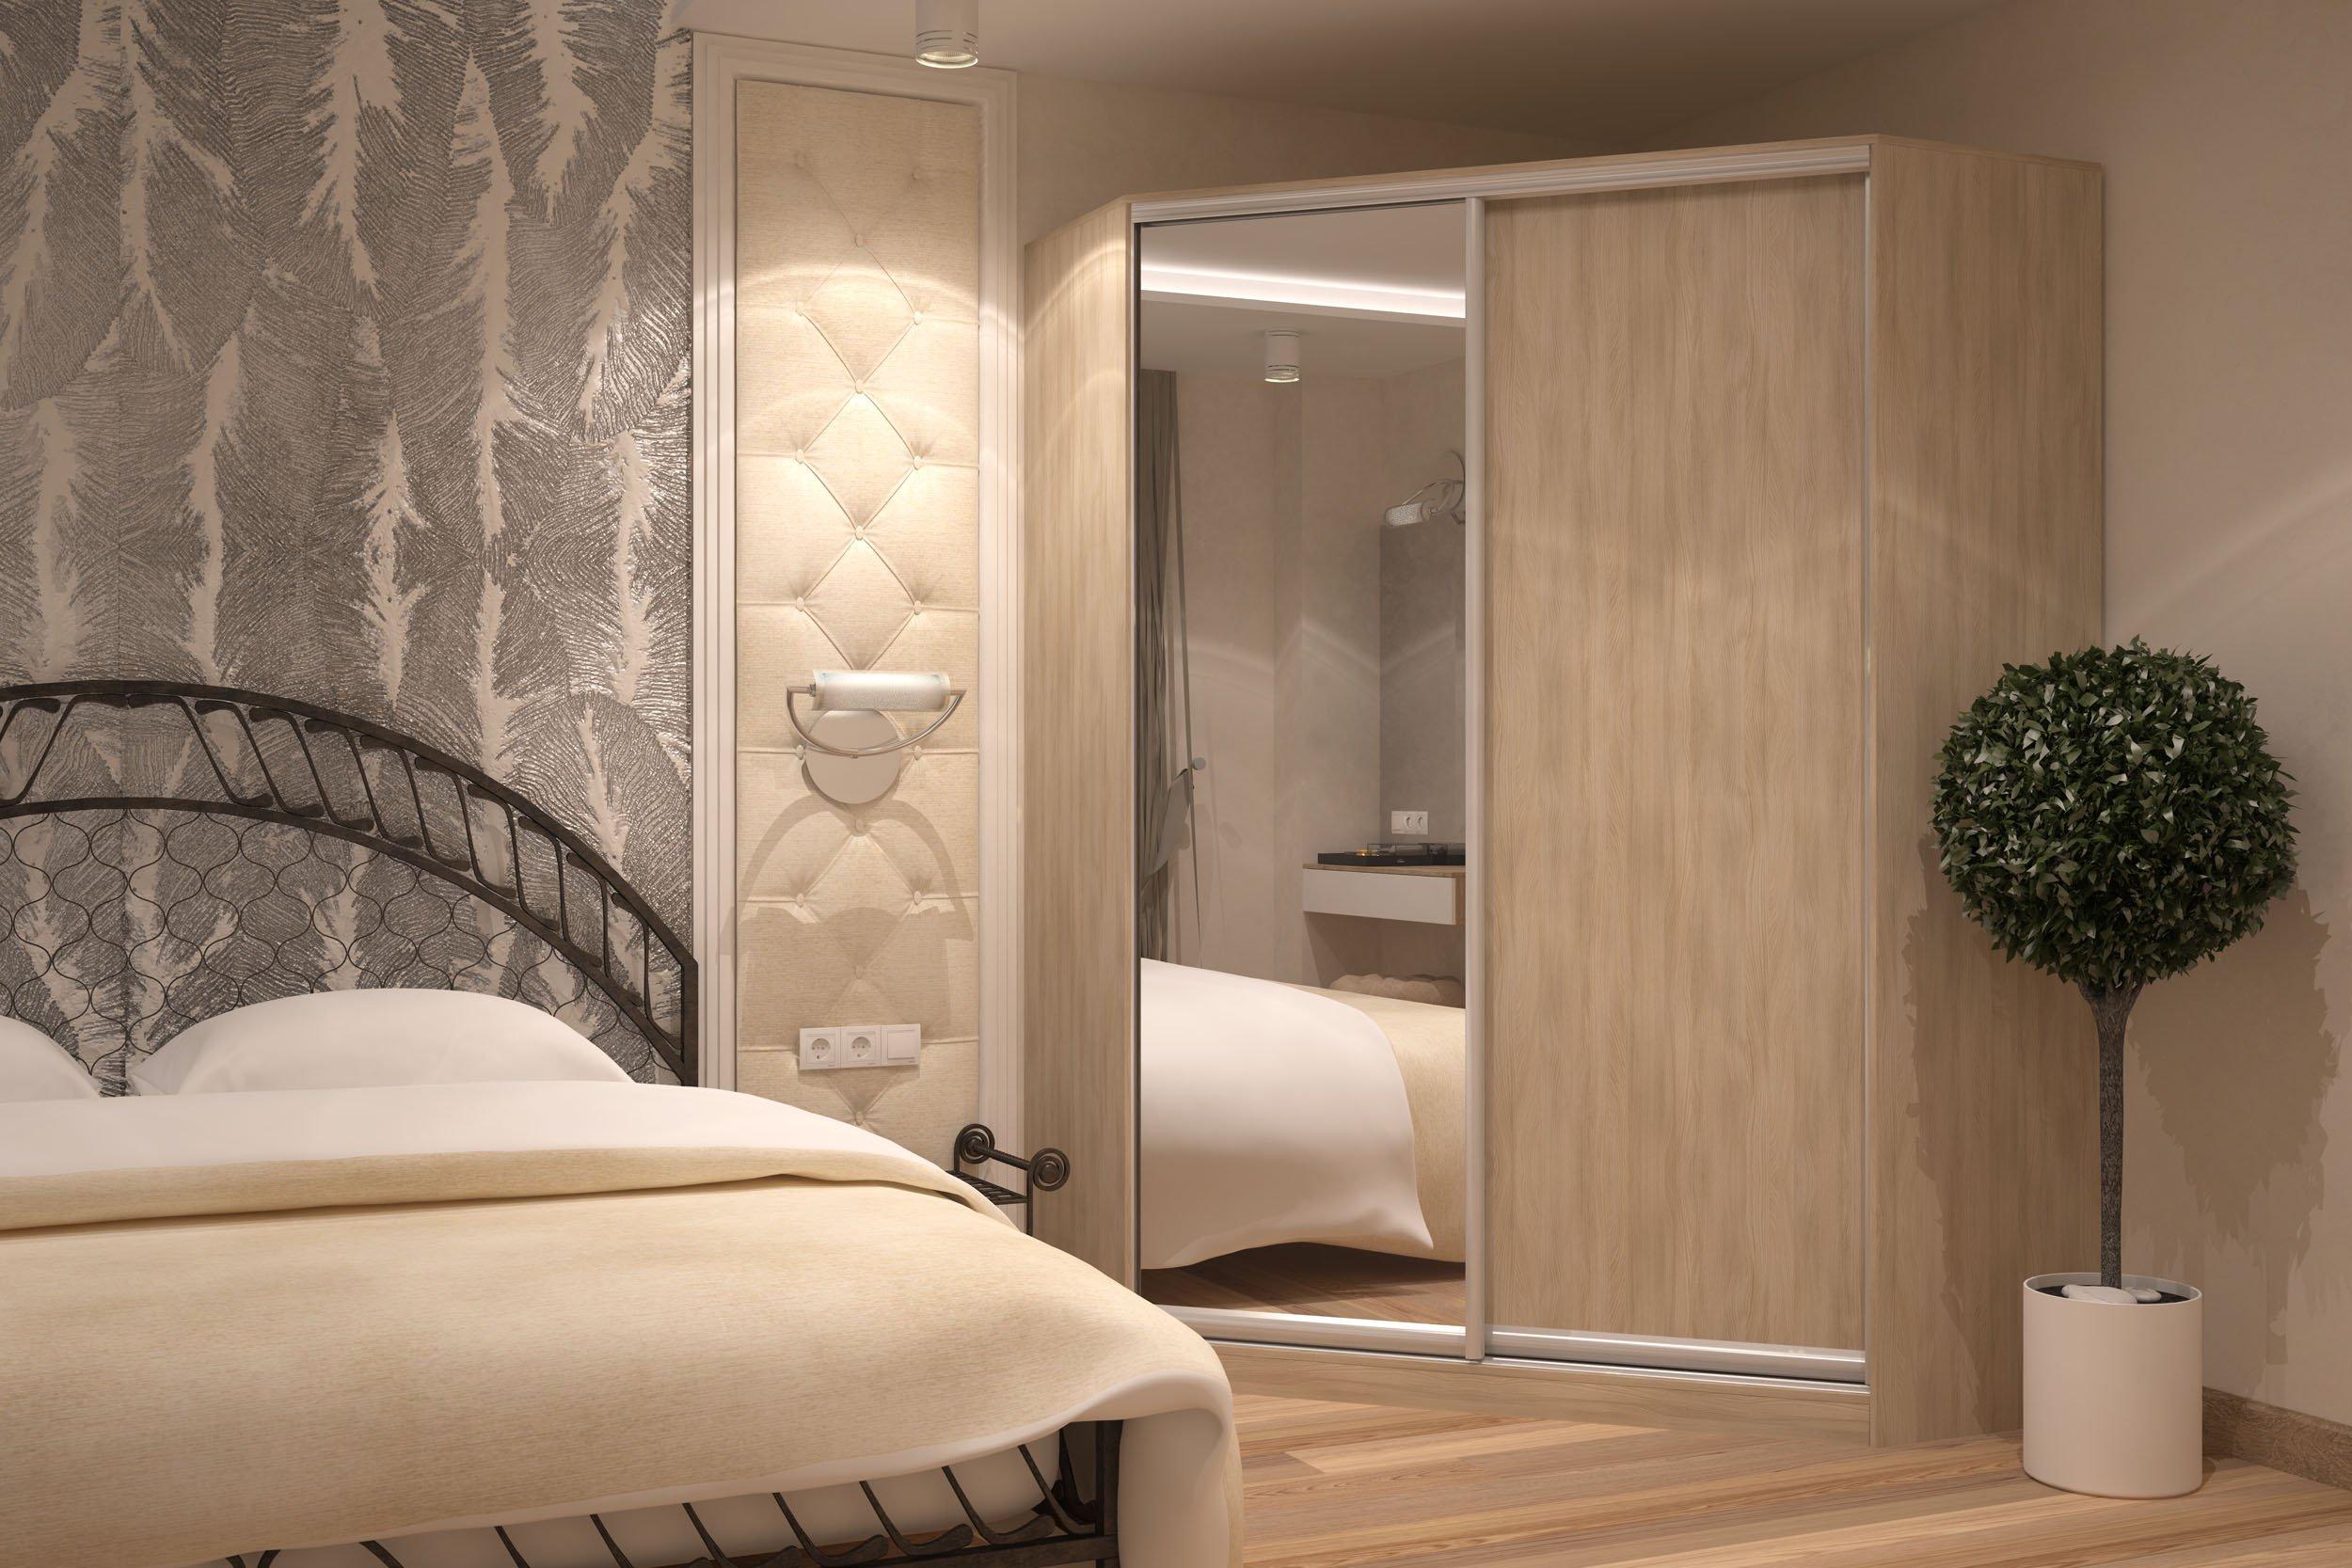 фото углового шкафа в спальне для